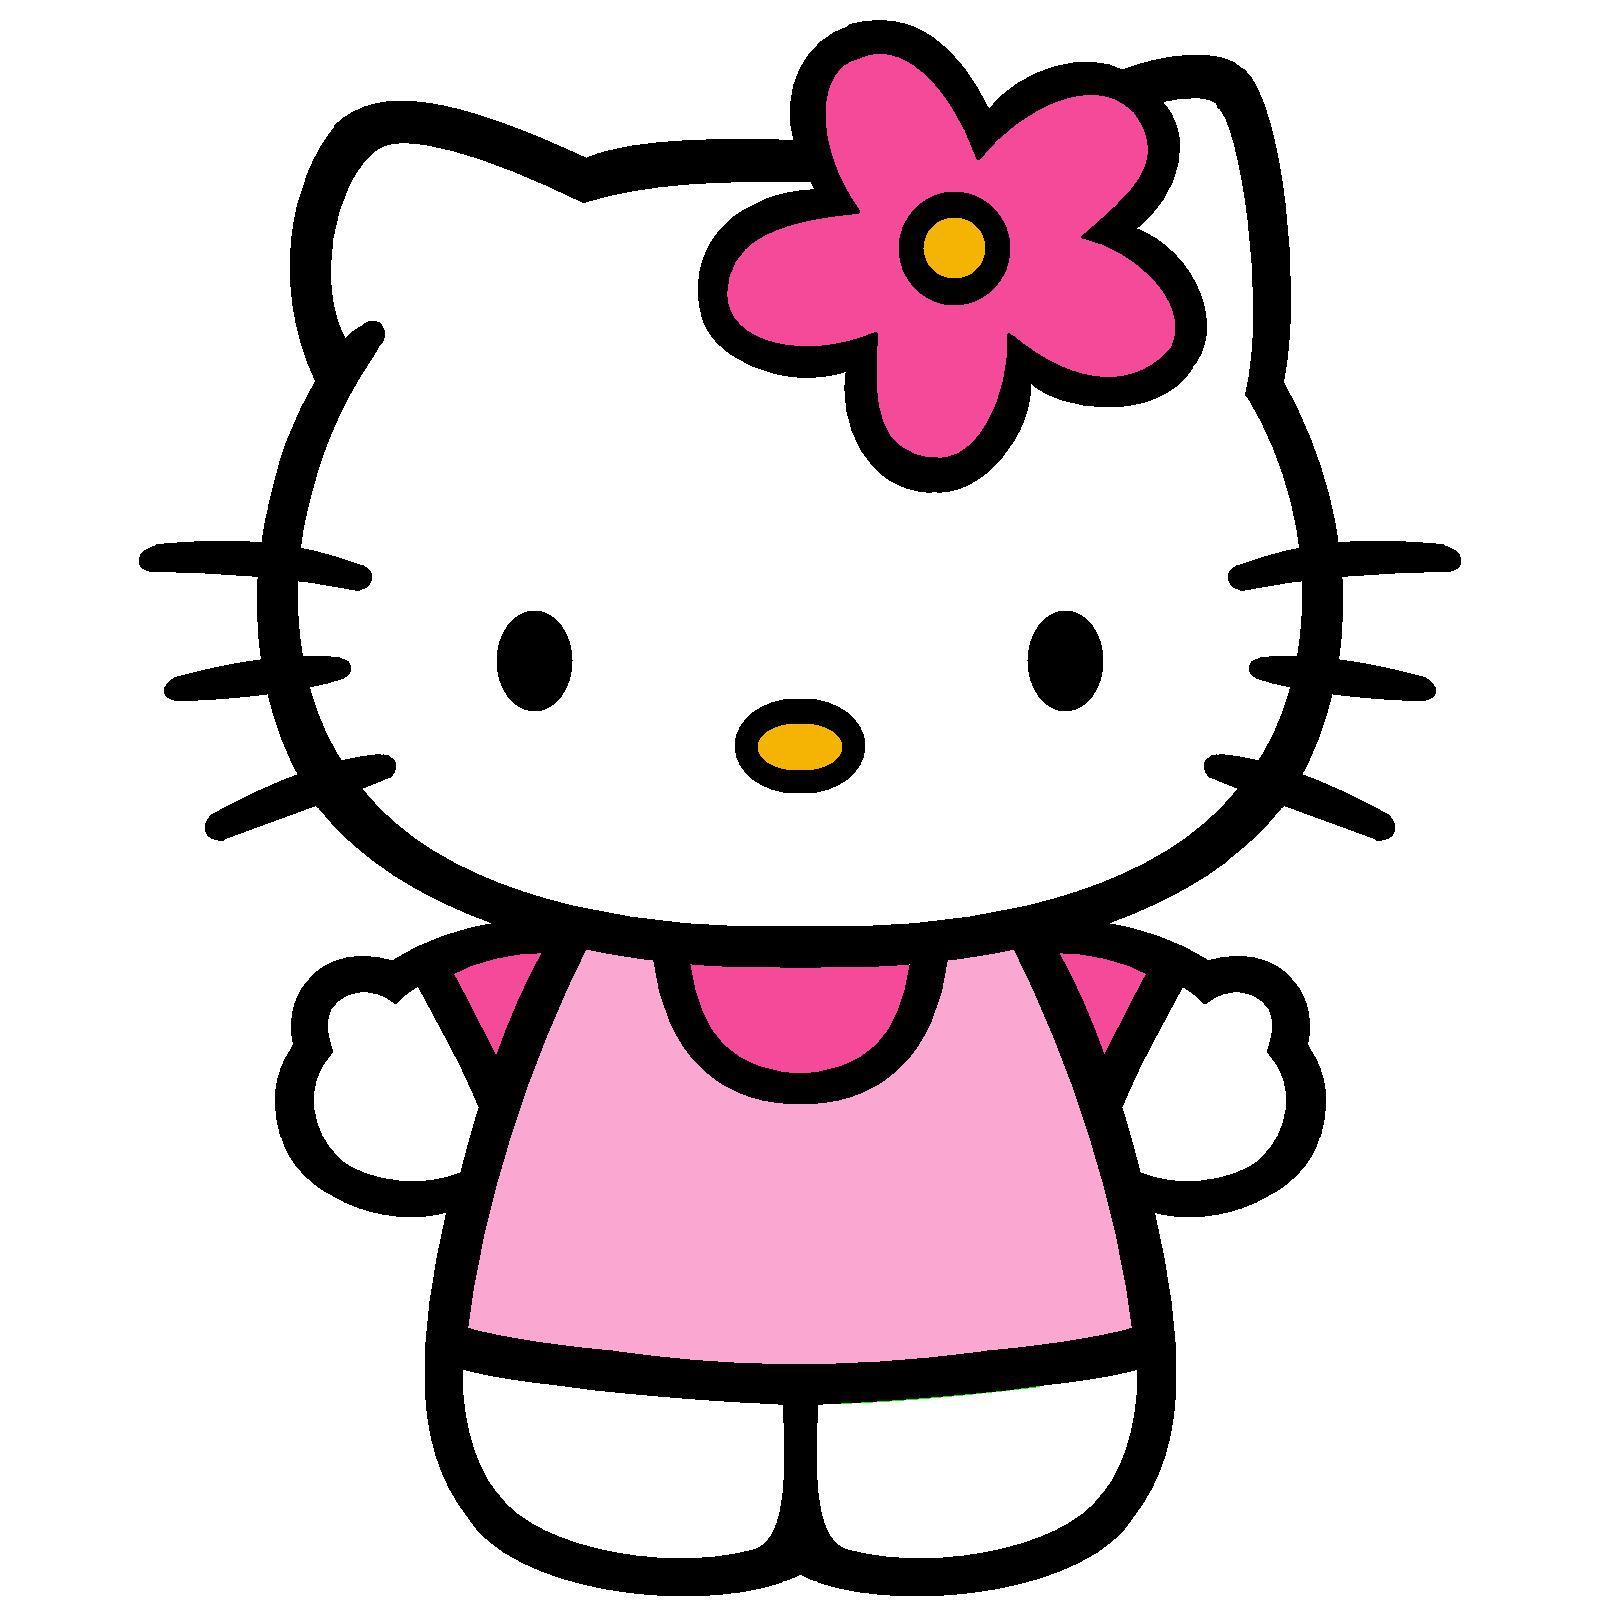 46 ] Hello Kitty Wallpaper Android On WallpaperSafari